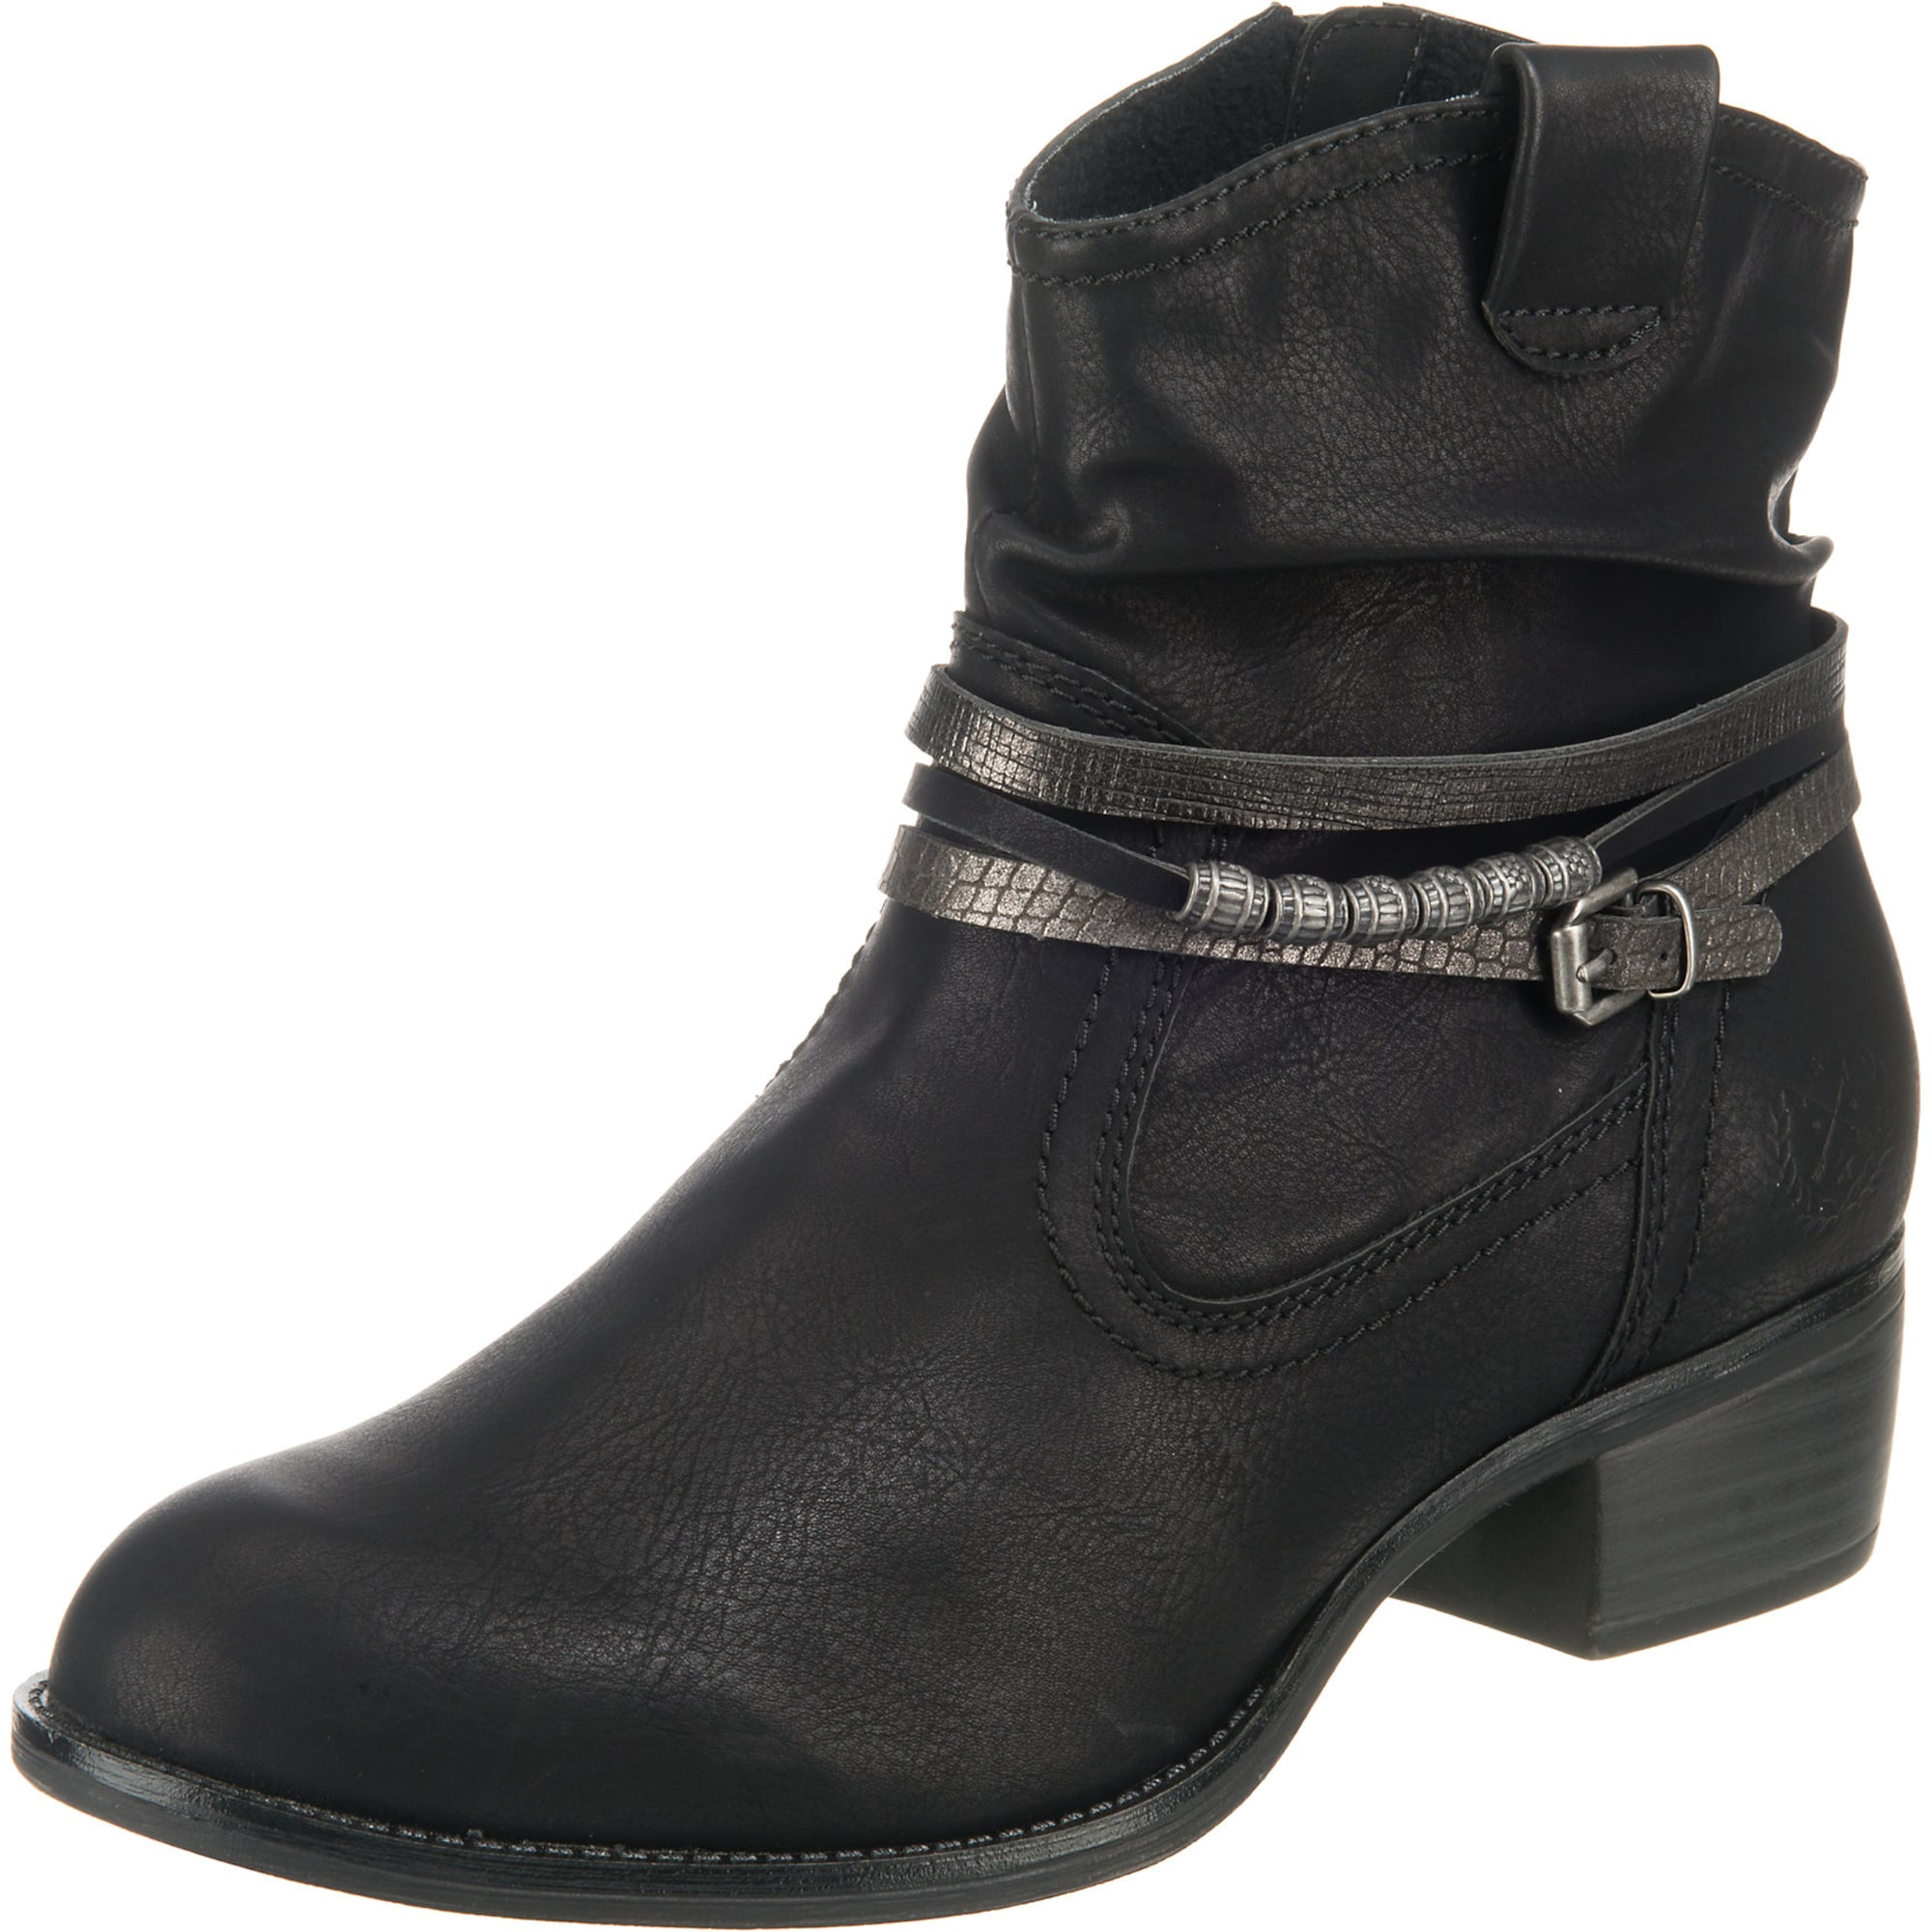 Stiefeletten | Schuhe > Stiefeletten > Sonstige Stiefeletten | JANE KLAIN